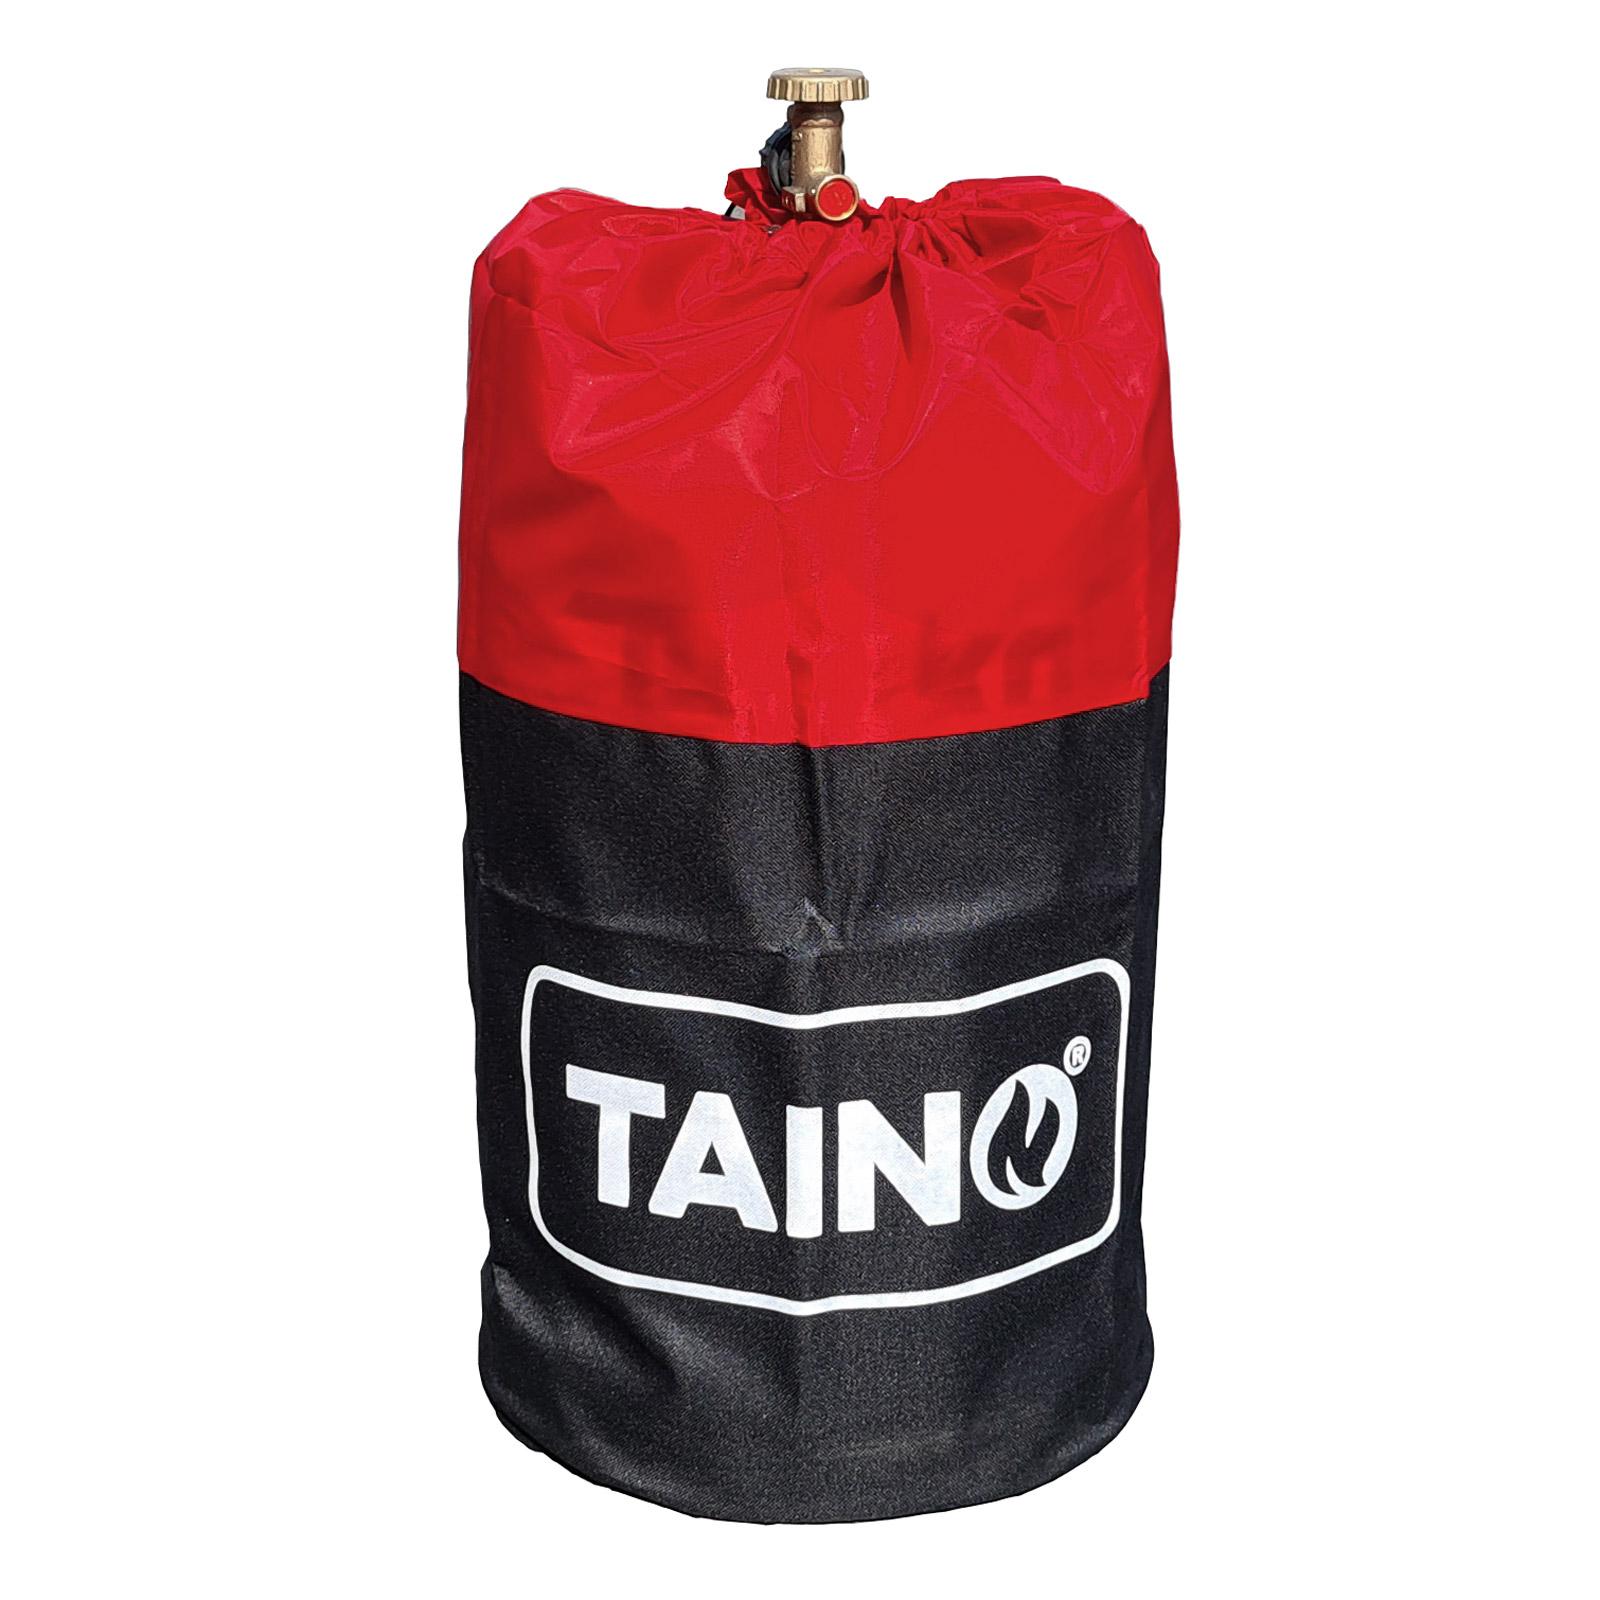 98888 TAINO Abdeckhaube für Gasflasche 11kg